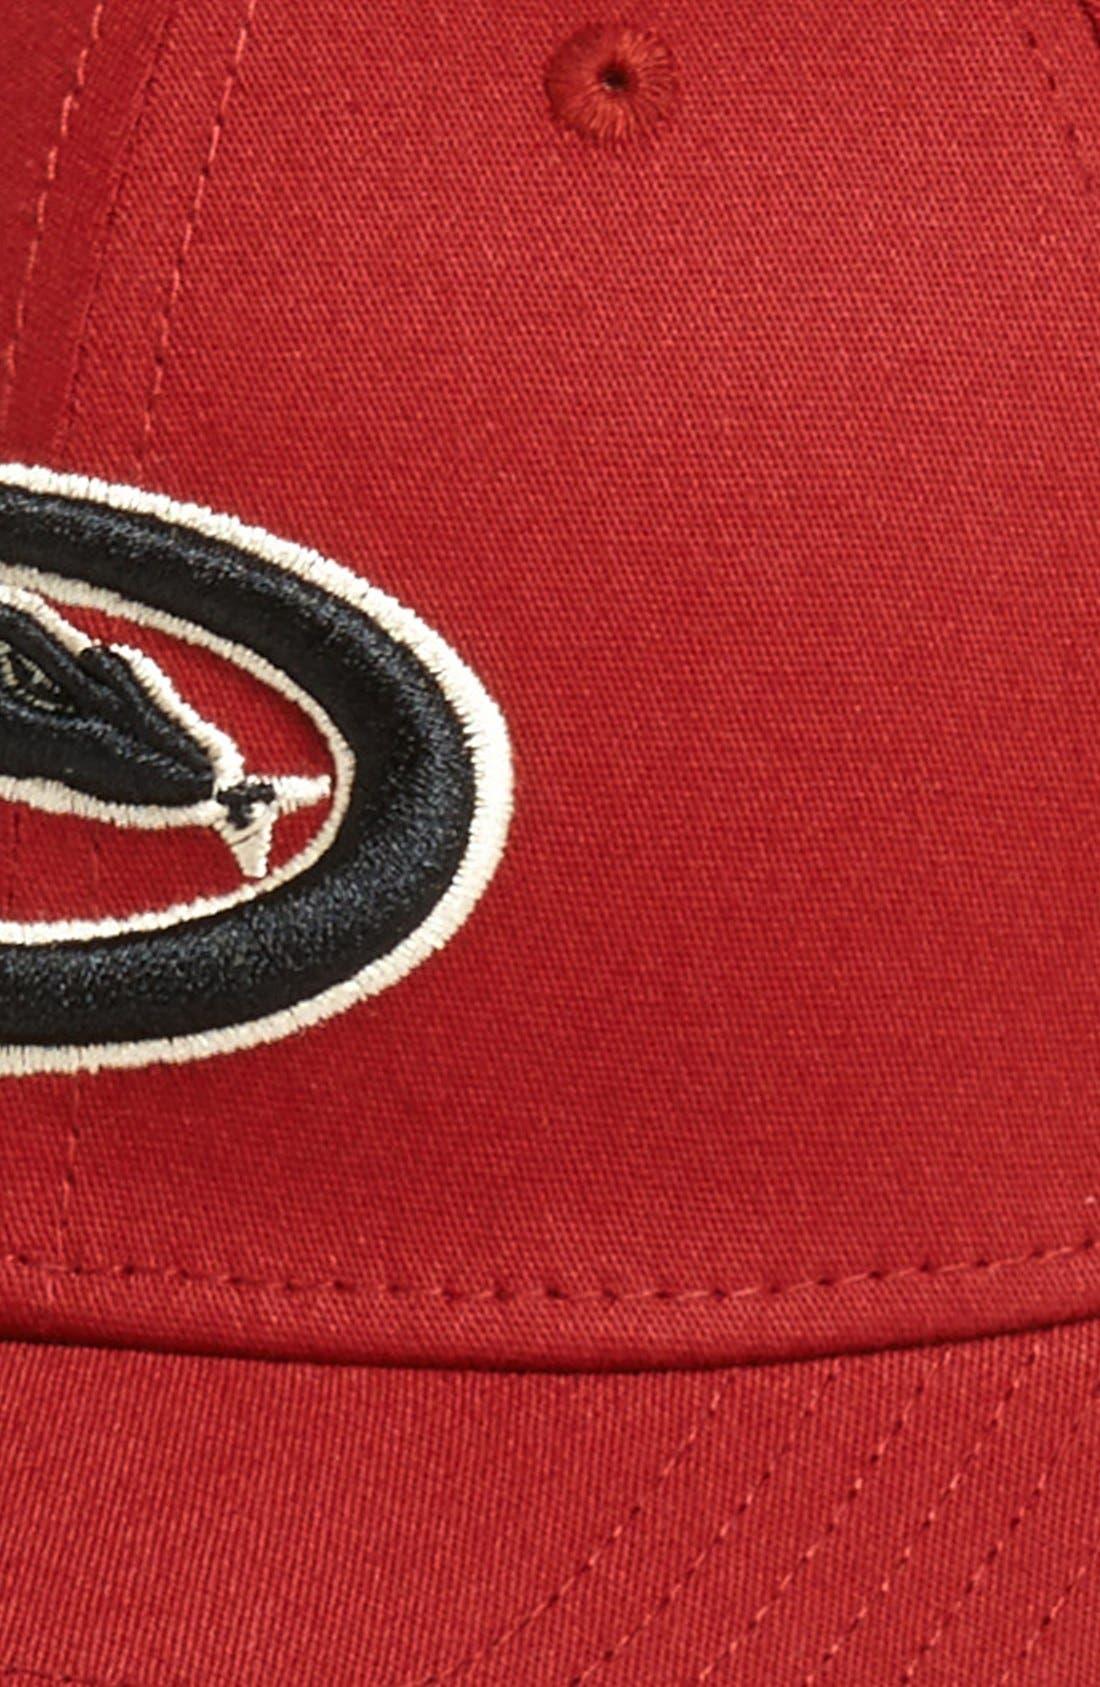 Alternate Image 2  - New Era Cap 'Arizona Diamondbacks - Tie Breaker' Baseball Cap (Big Boys)